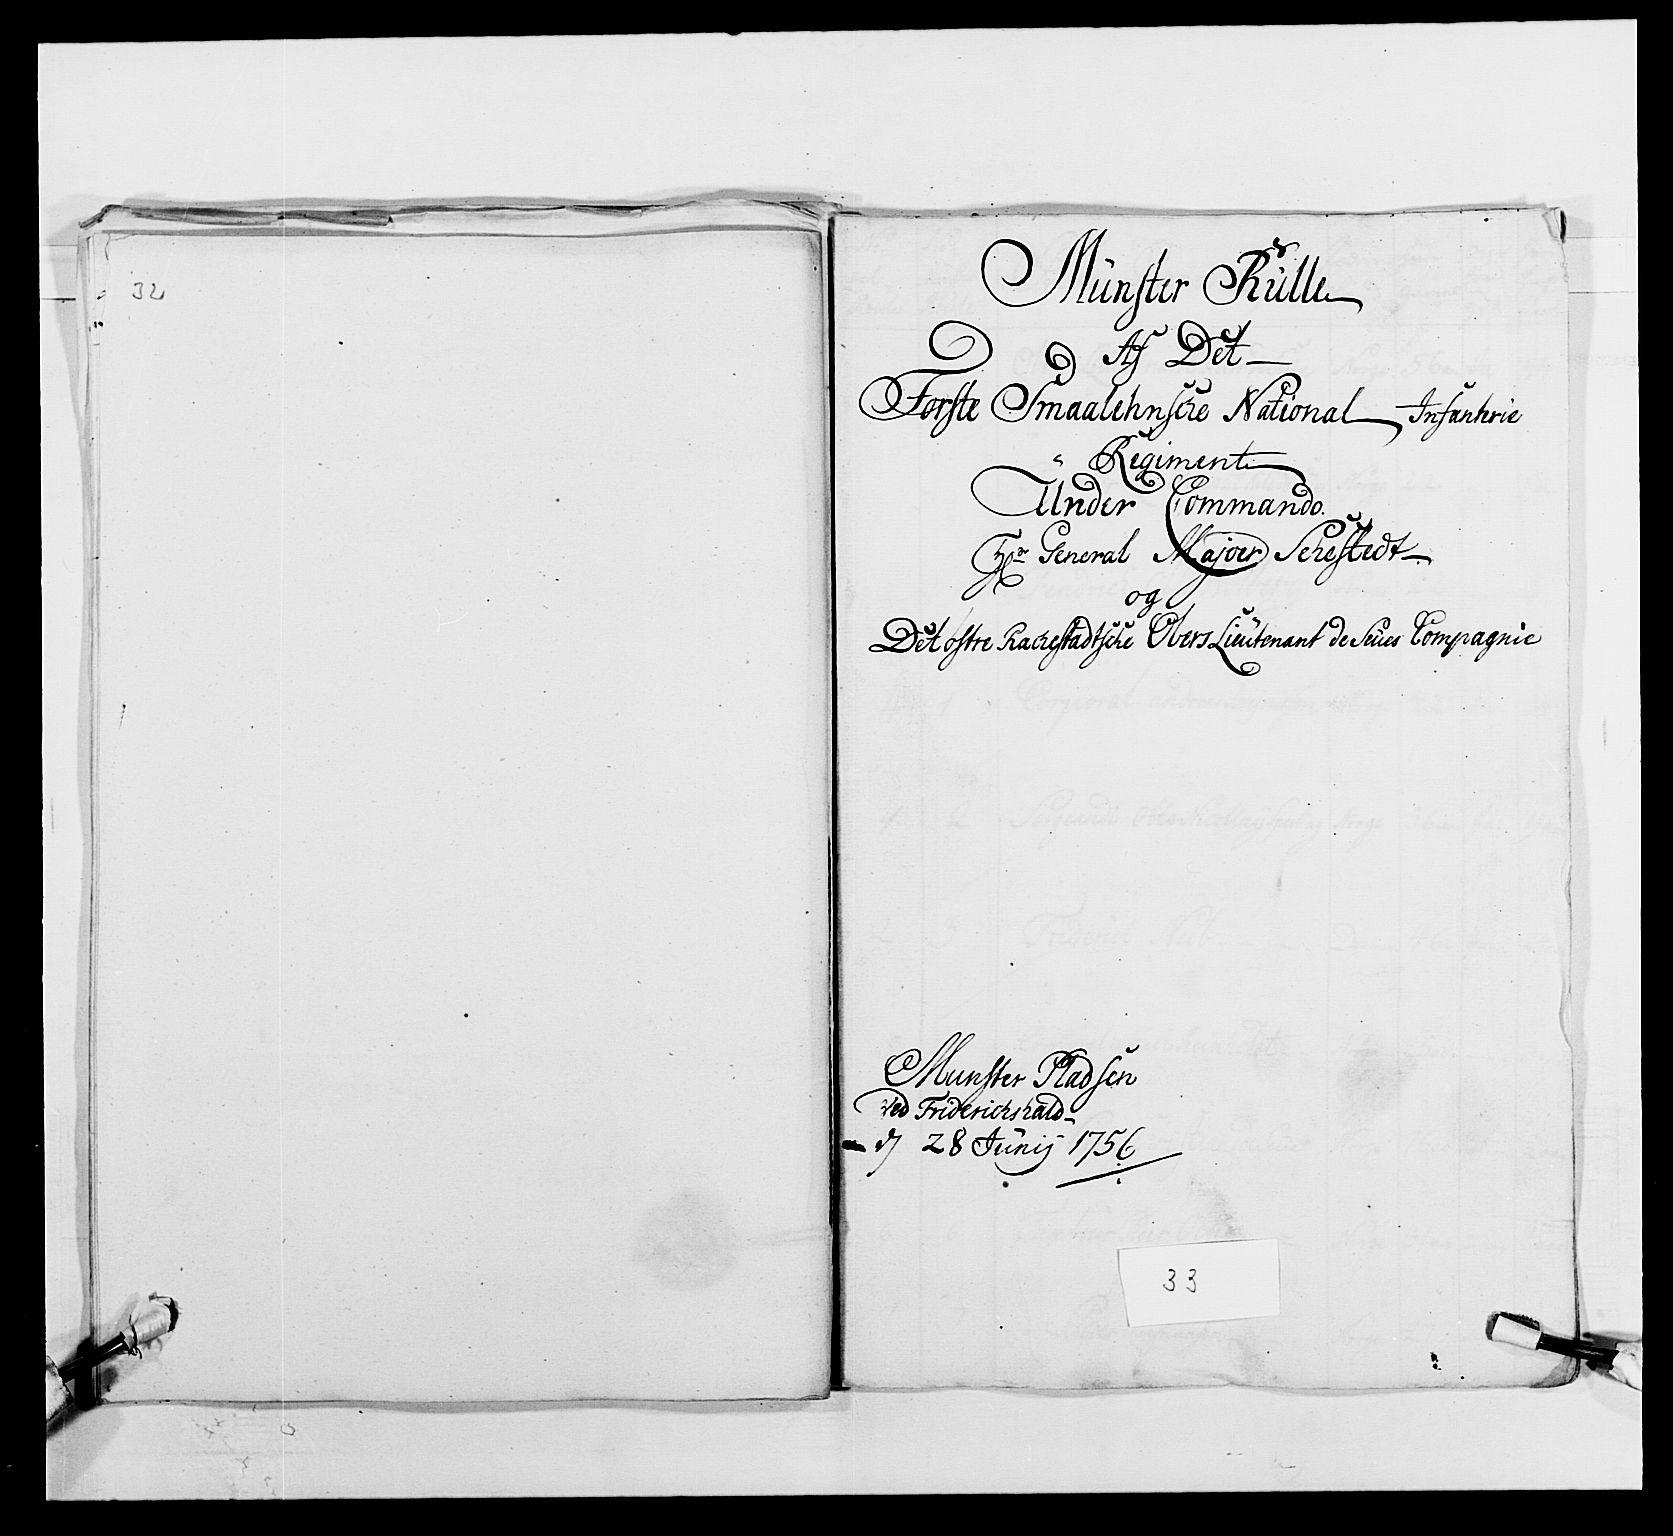 RA, Kommanderende general (KG I) med Det norske krigsdirektorium, E/Ea/L0495: 1. Smålenske regiment, 1732-1763, s. 488